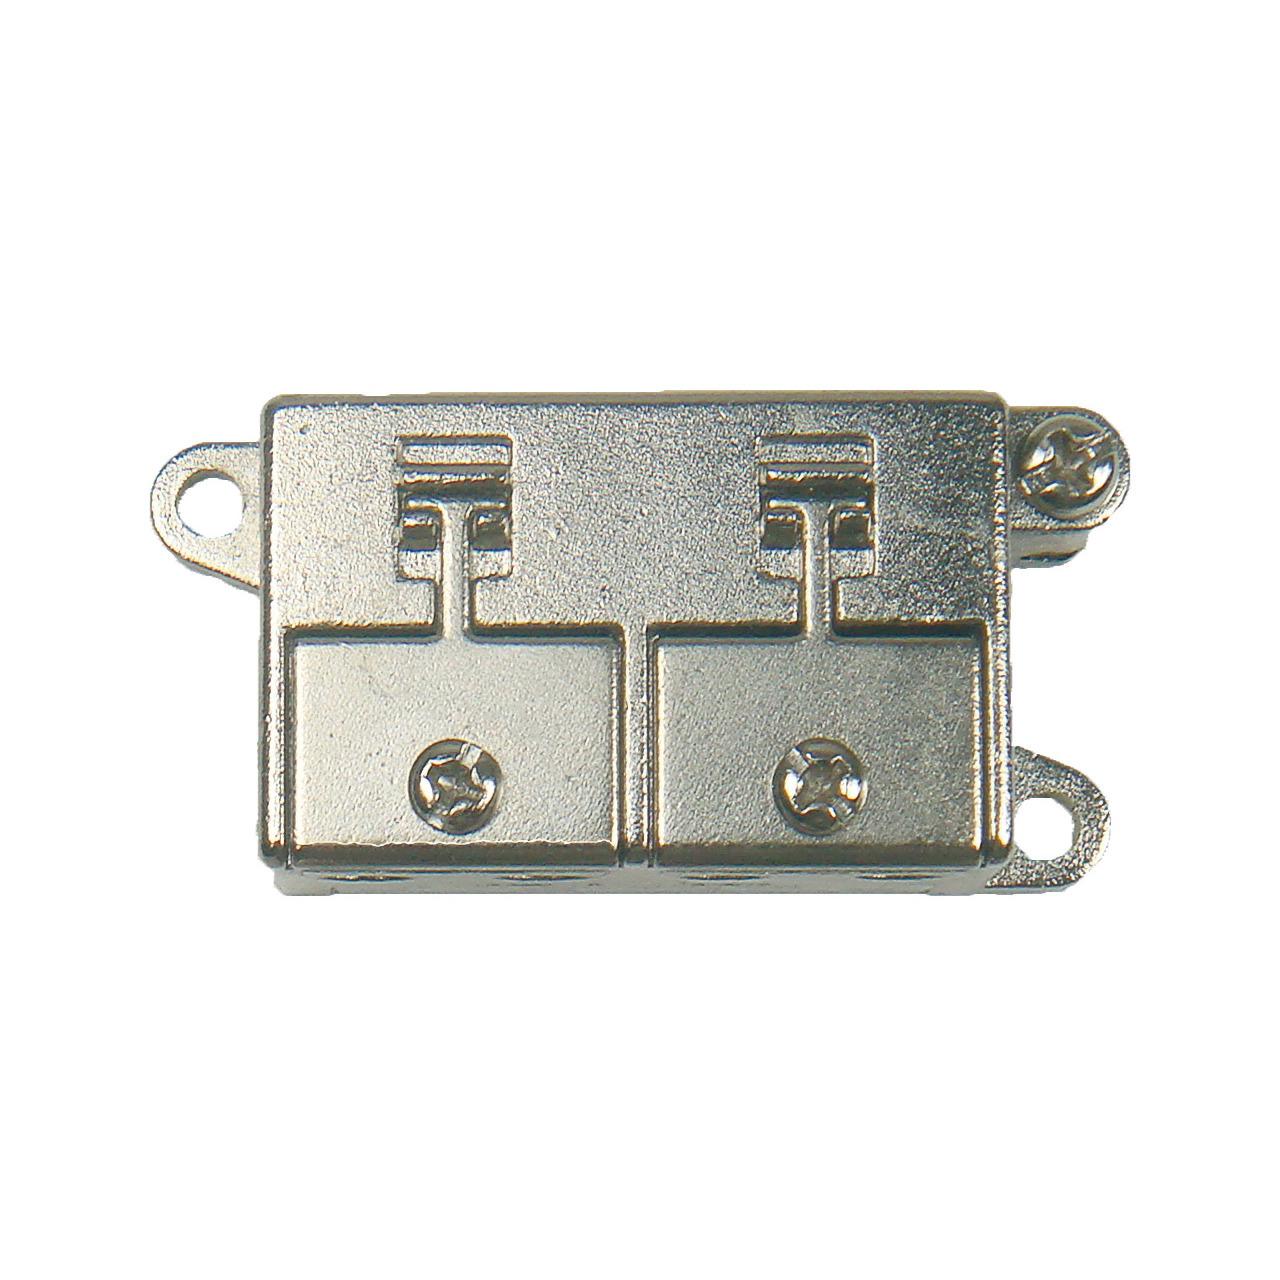 DUR-line 2-fach Mini-BK-/Sat-Verteiler- kleine Bauform- ideal für Unterputzmontage (Unterputzdosen)